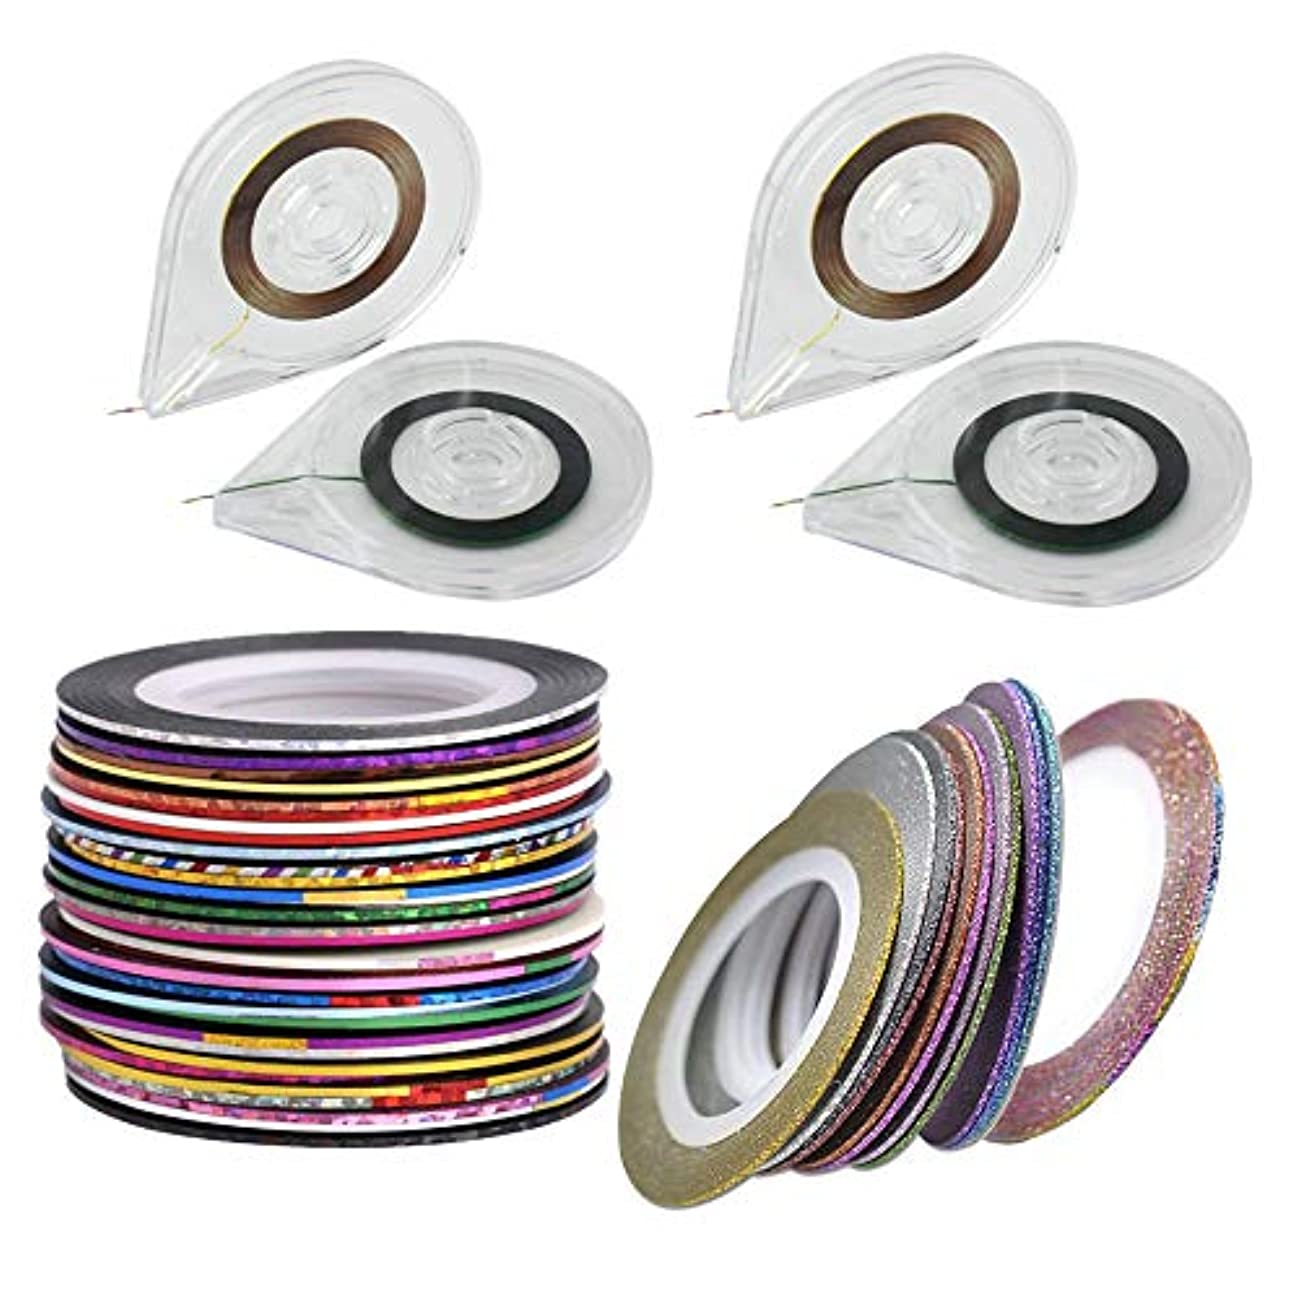 浸食不完全推進、動かすKingsie ネイルアート用 ラインテープ 40色 幅1mm 専用ケース4個付き ラインアートテープ レーザーラインテープ ジェルネイル ネイルパーツ デコパーツ